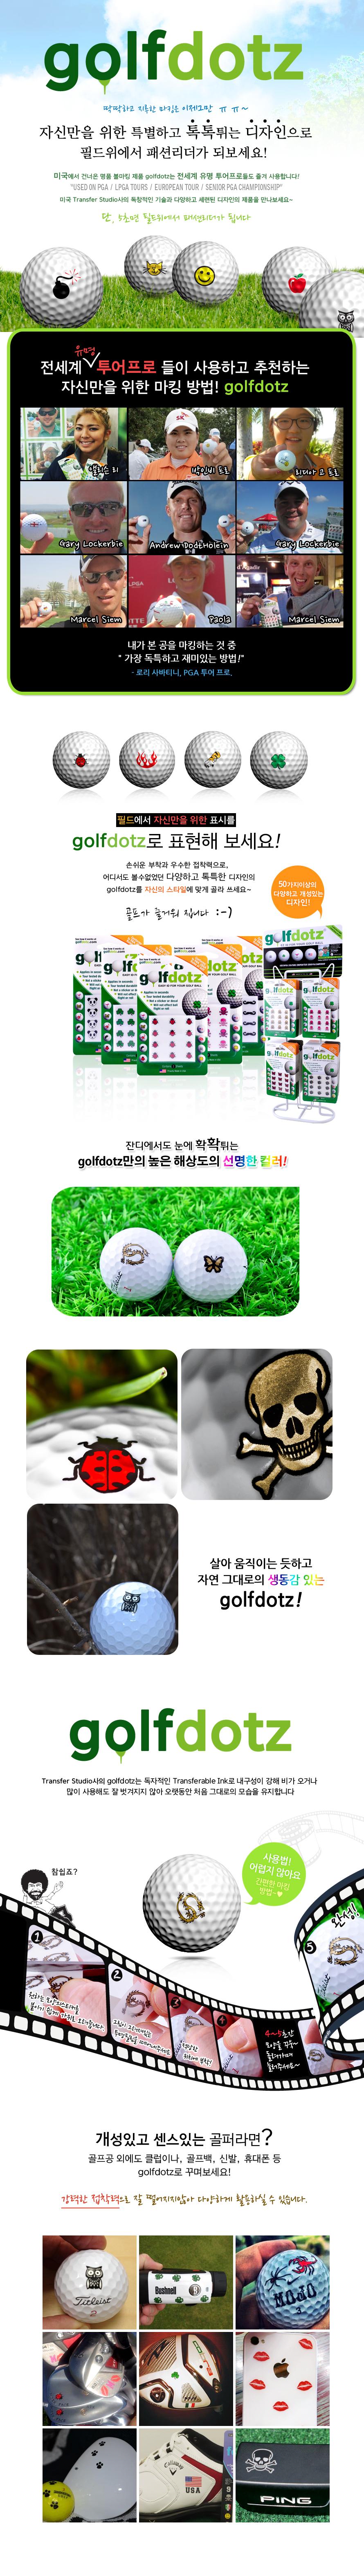 http://ai.esmplus.com/cathay/2016/golfdotz/Funnydotz_890.jpg